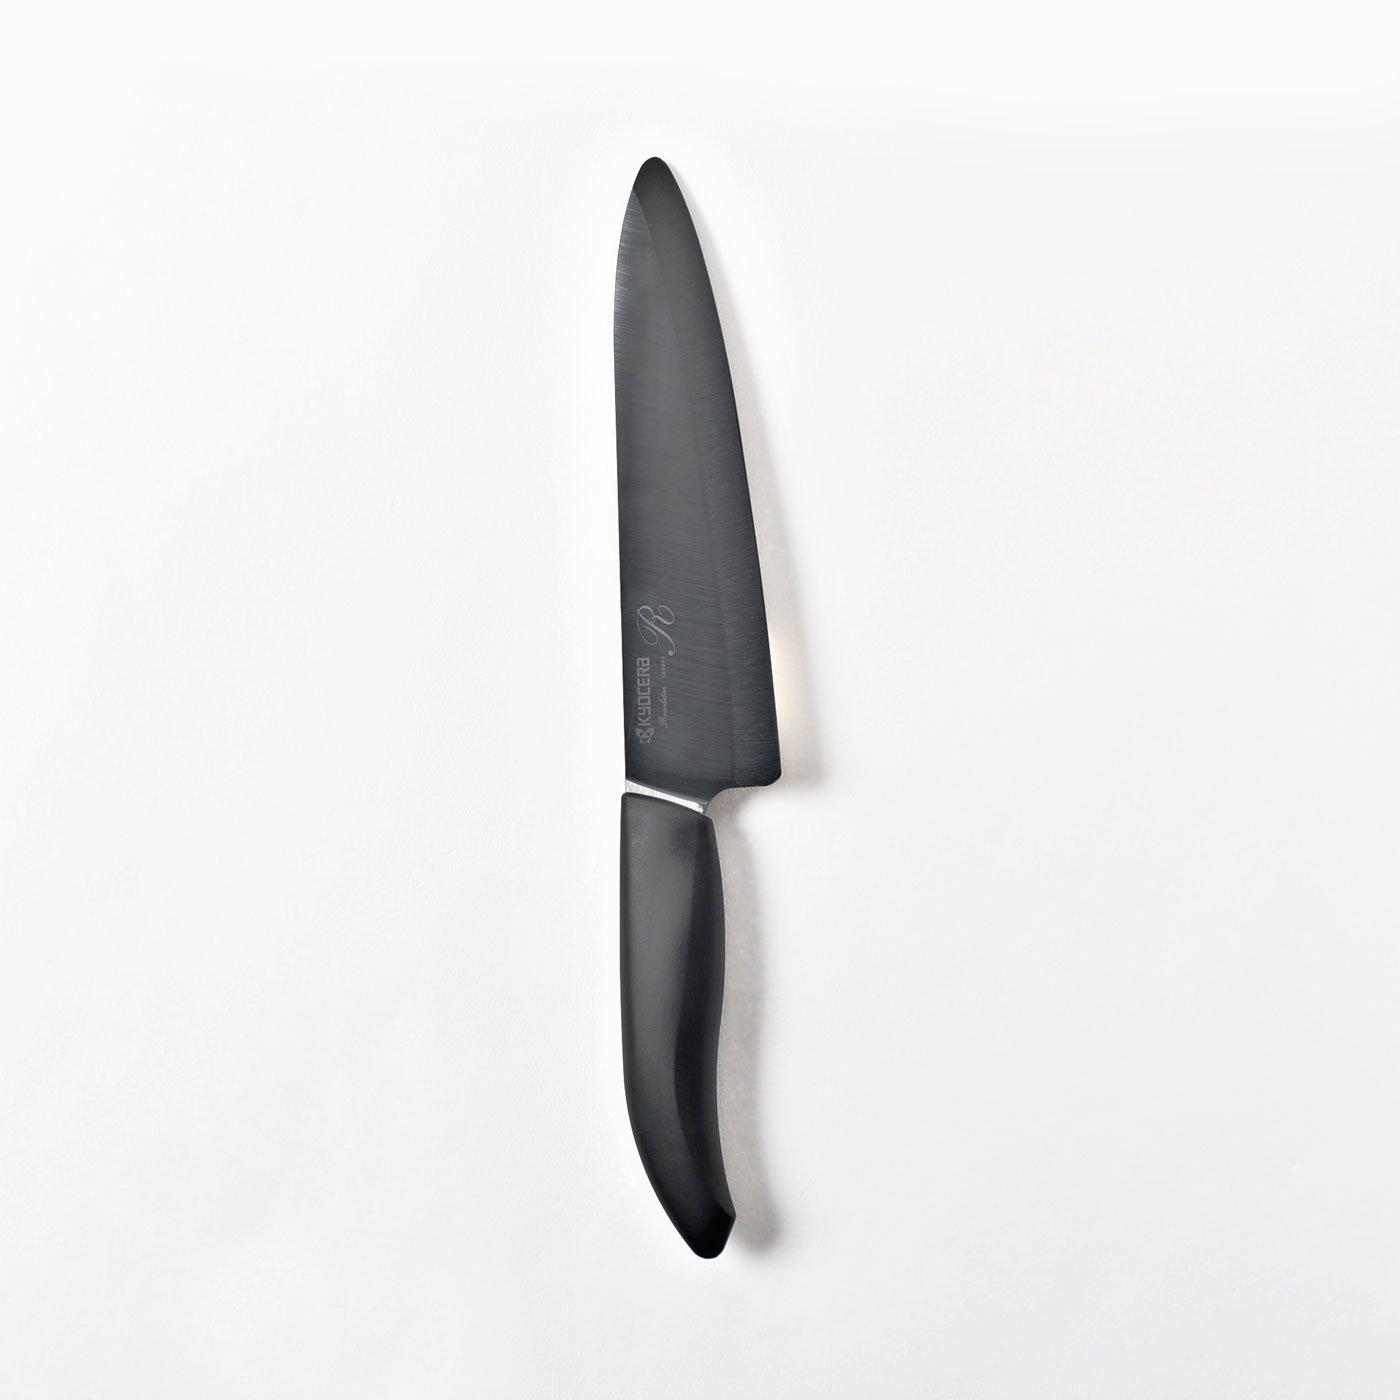 軽い・さびない・お手入れ簡単! セラミックナイフ〈シェフズナイフ〉